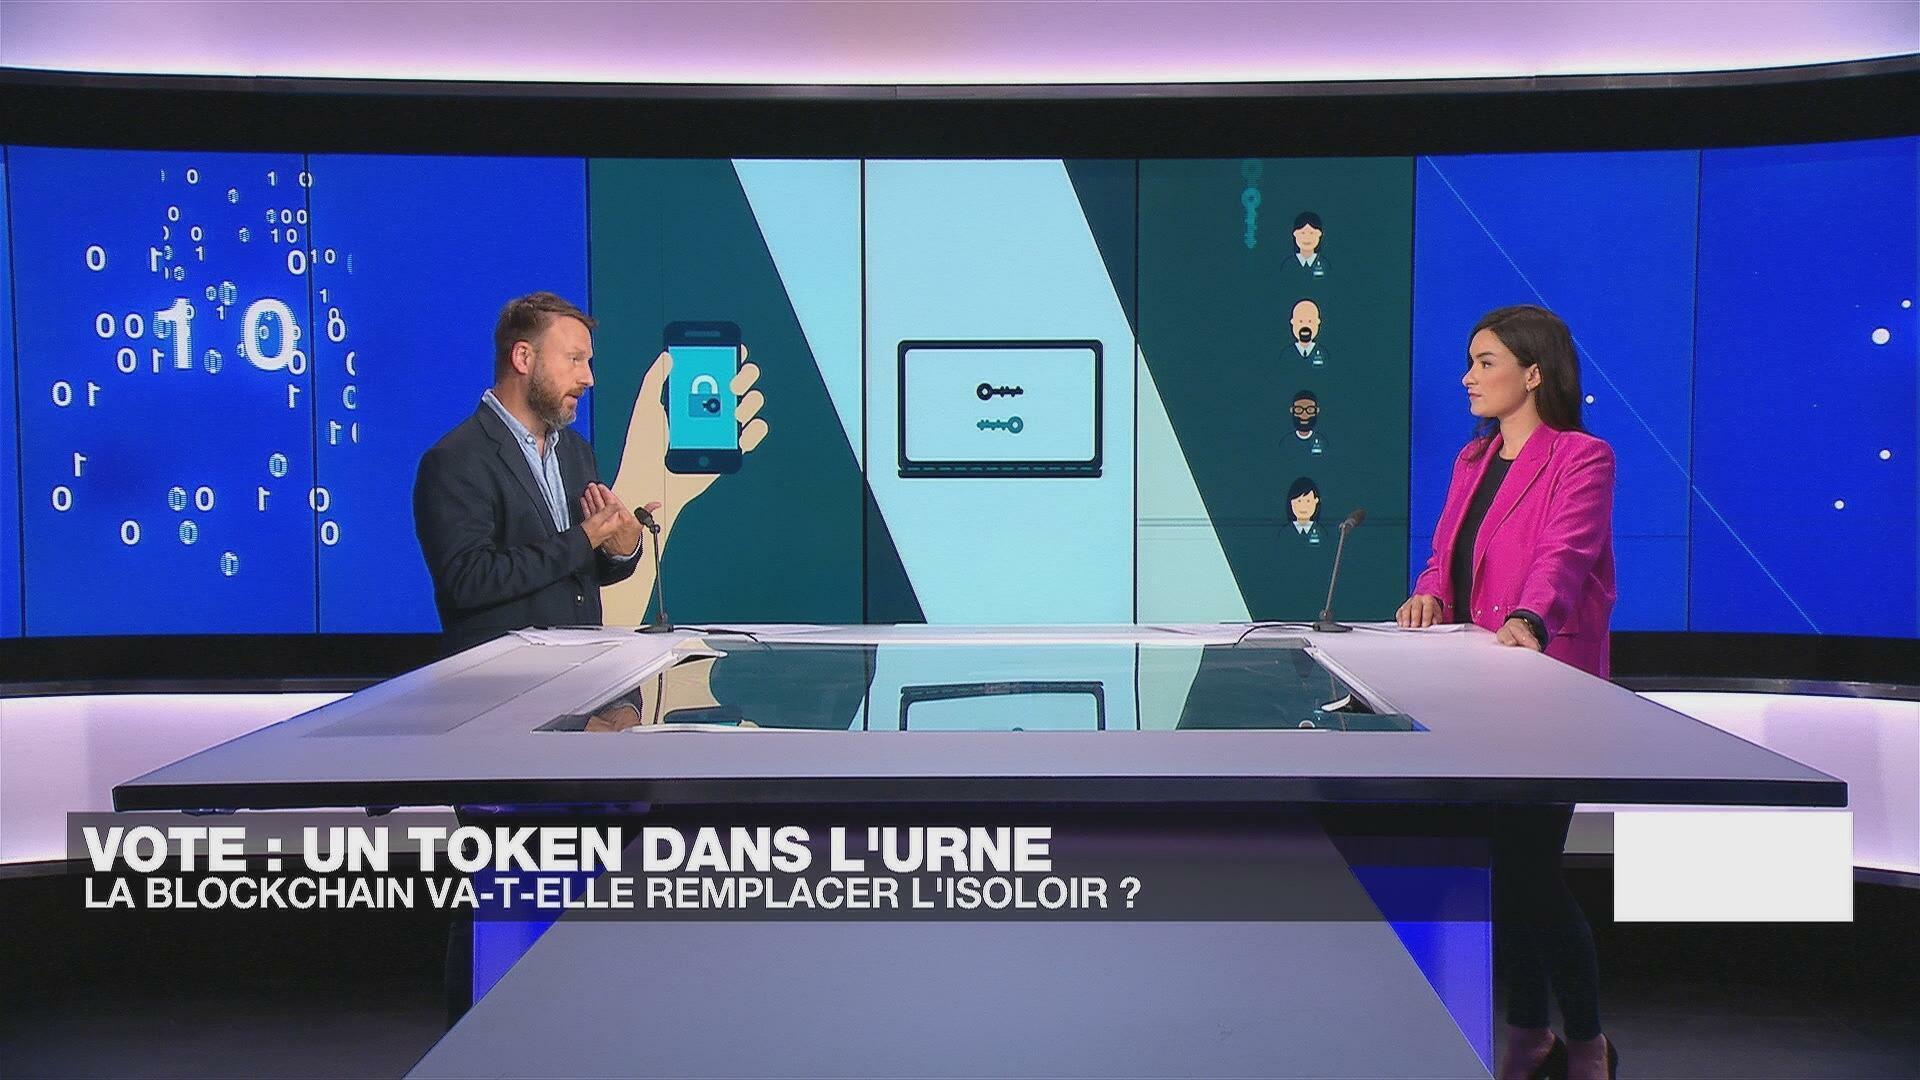 La tech face à l'abstention : la blockchain va-t-elle remplacer l'isoloir ?